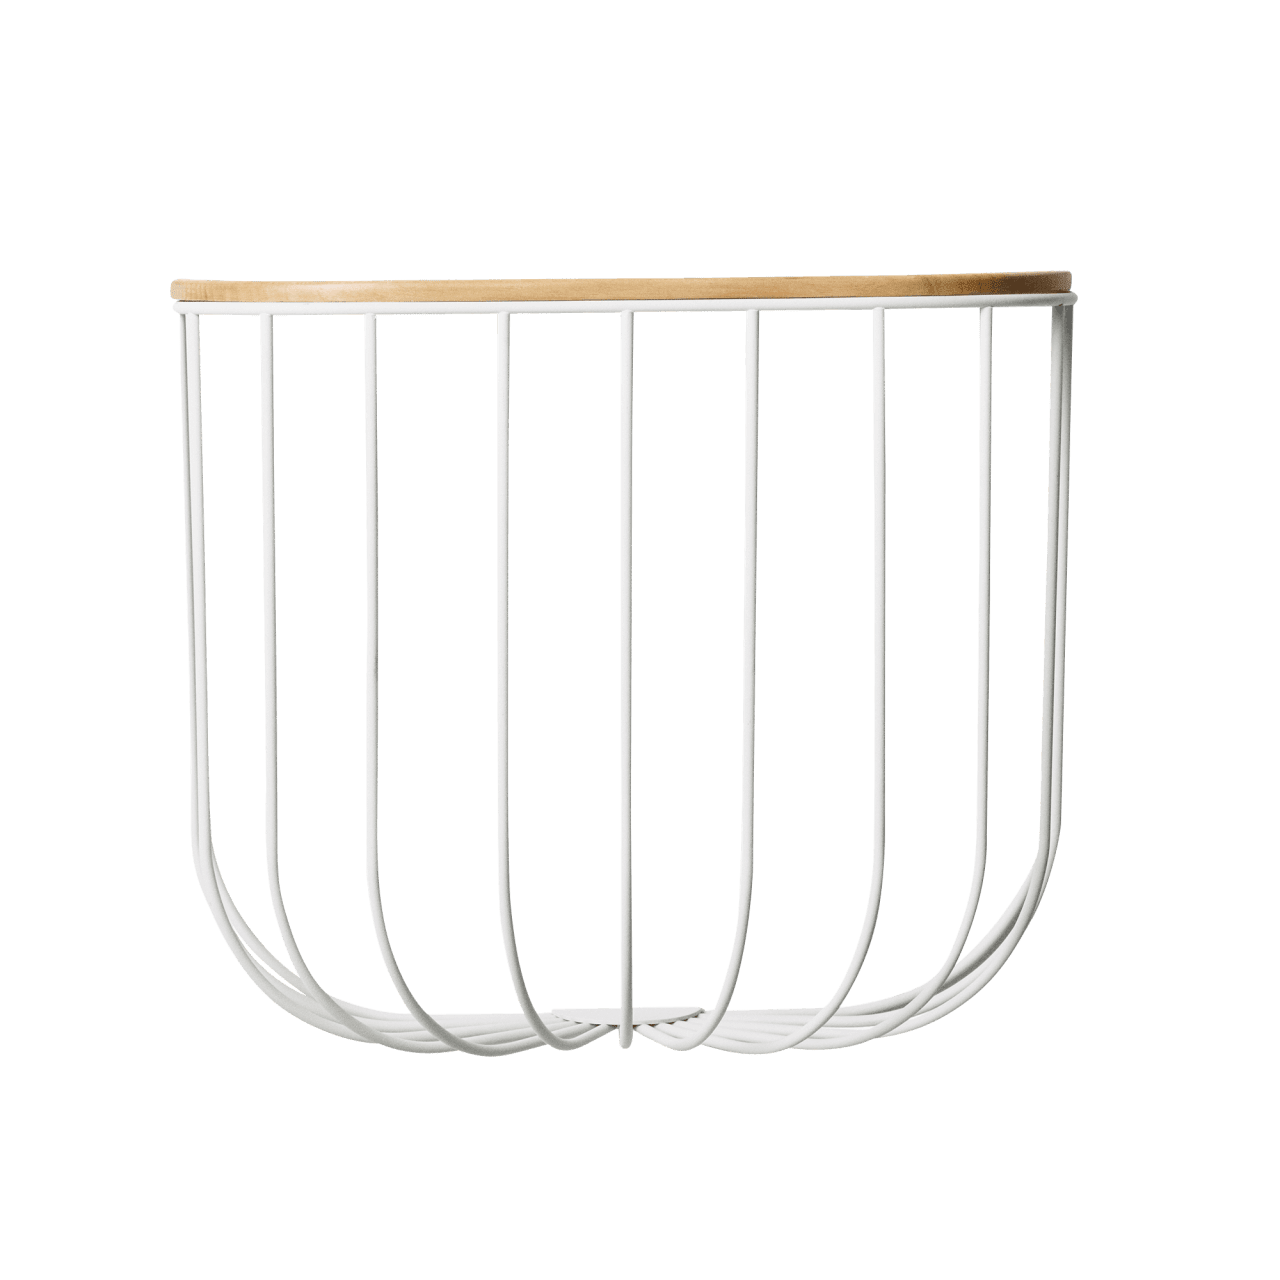 Cage Regal